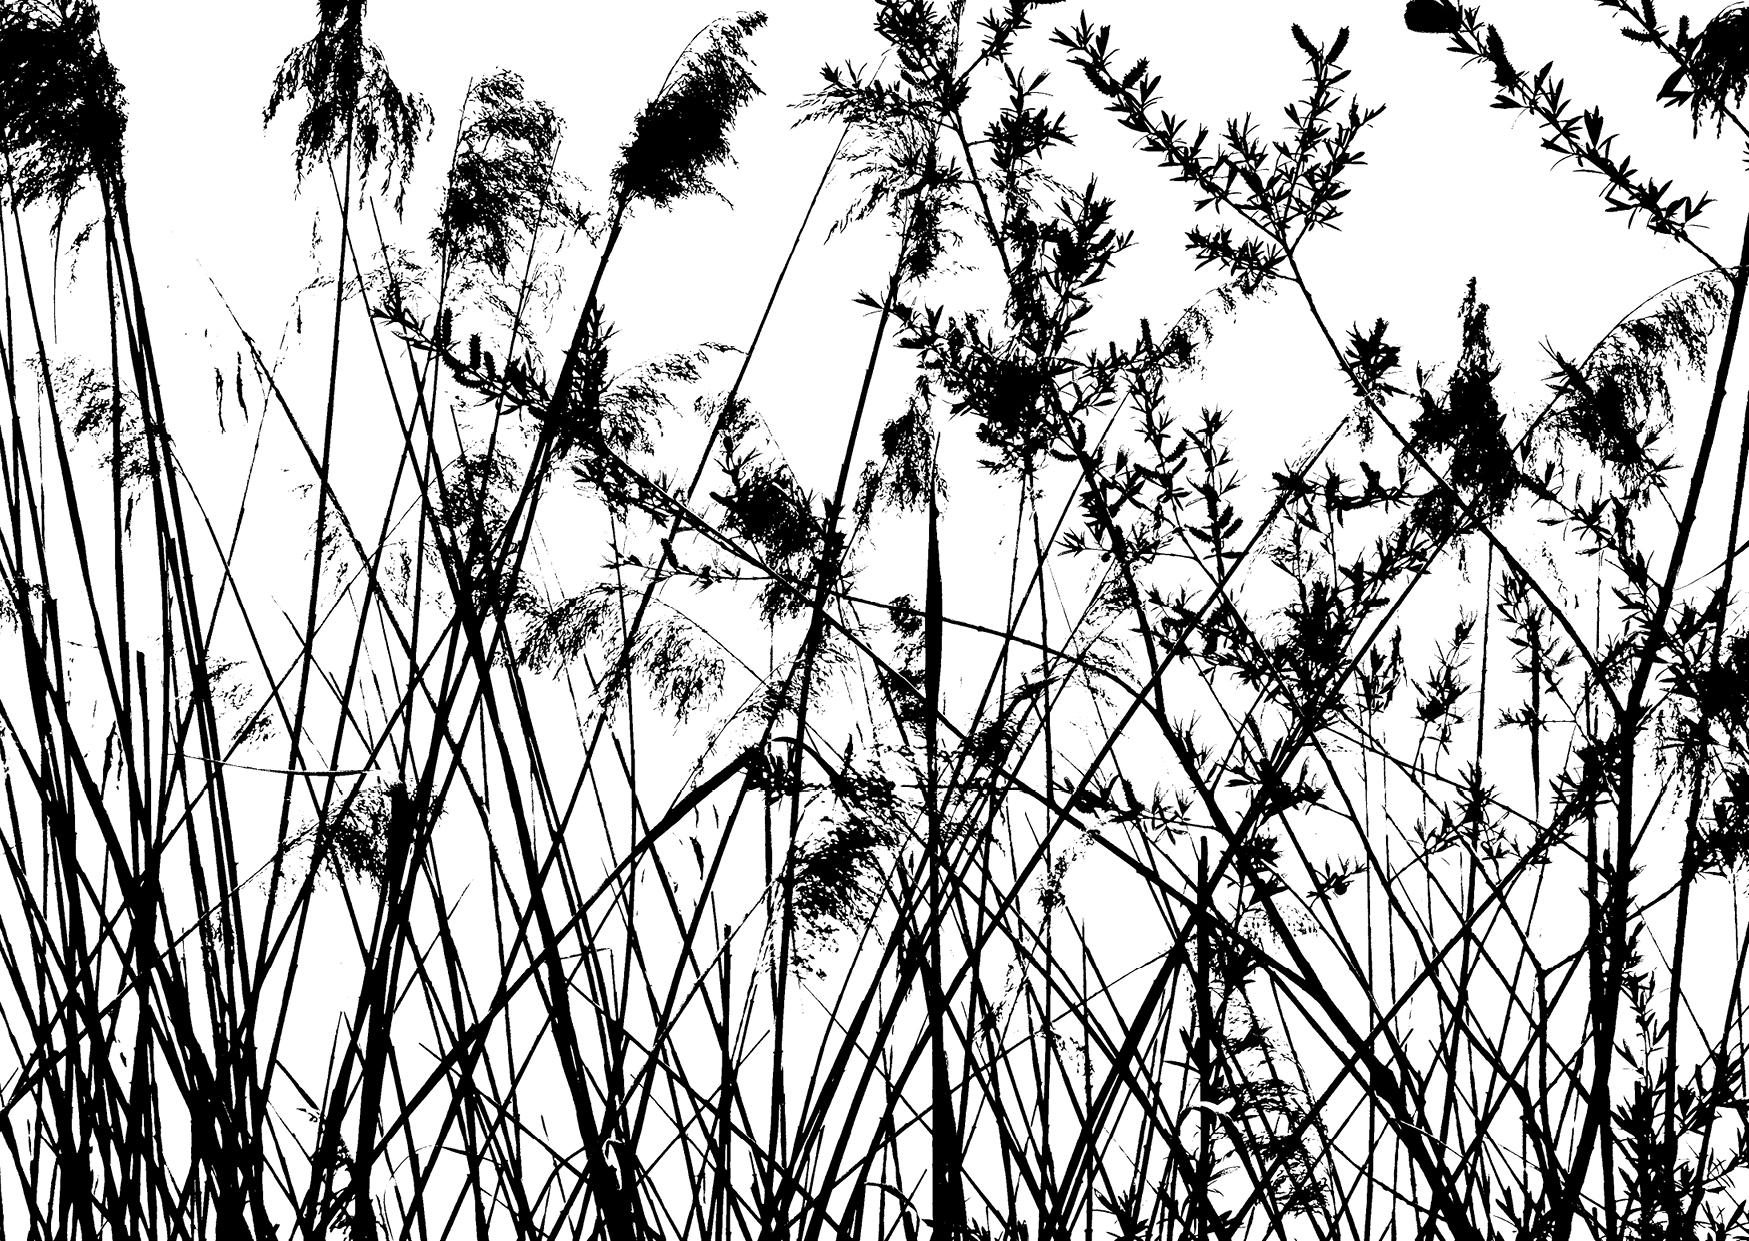 Bettina Lindenberg Postkarten schwarz-weiß Natur Fotokunst Kunstpostkarten, Deko, Wasser